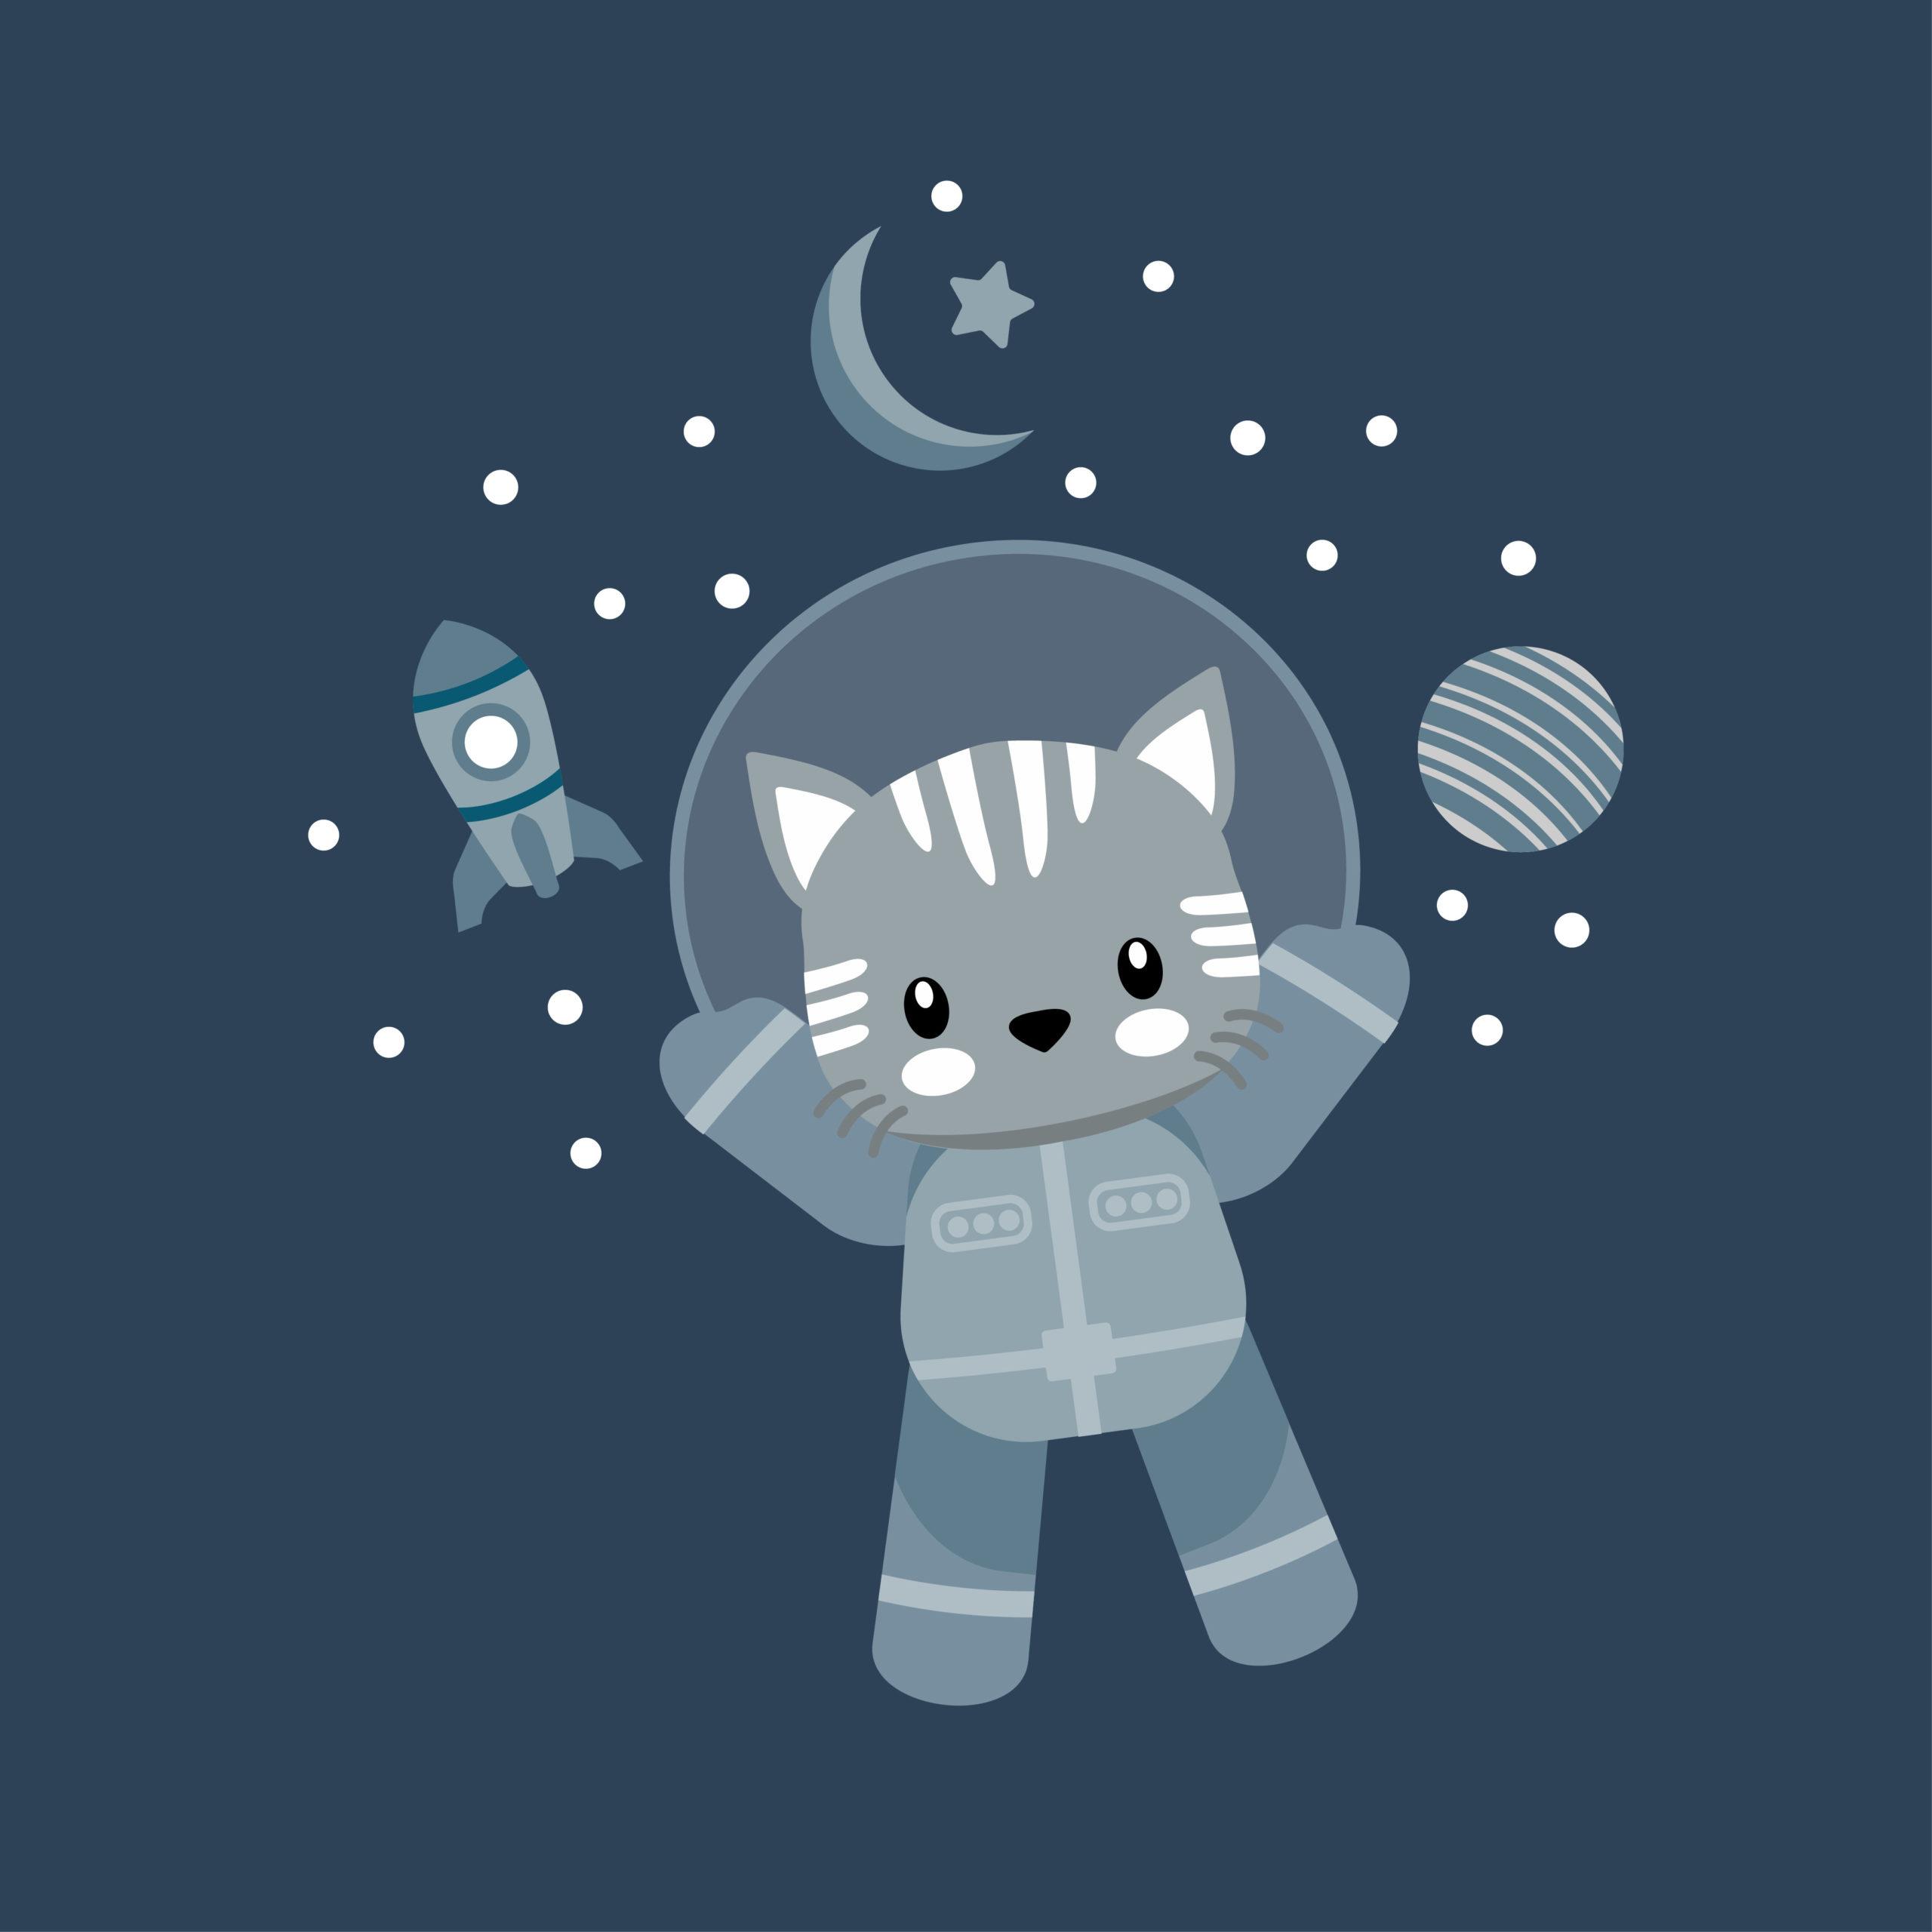 かわいい猫宇宙飛行士